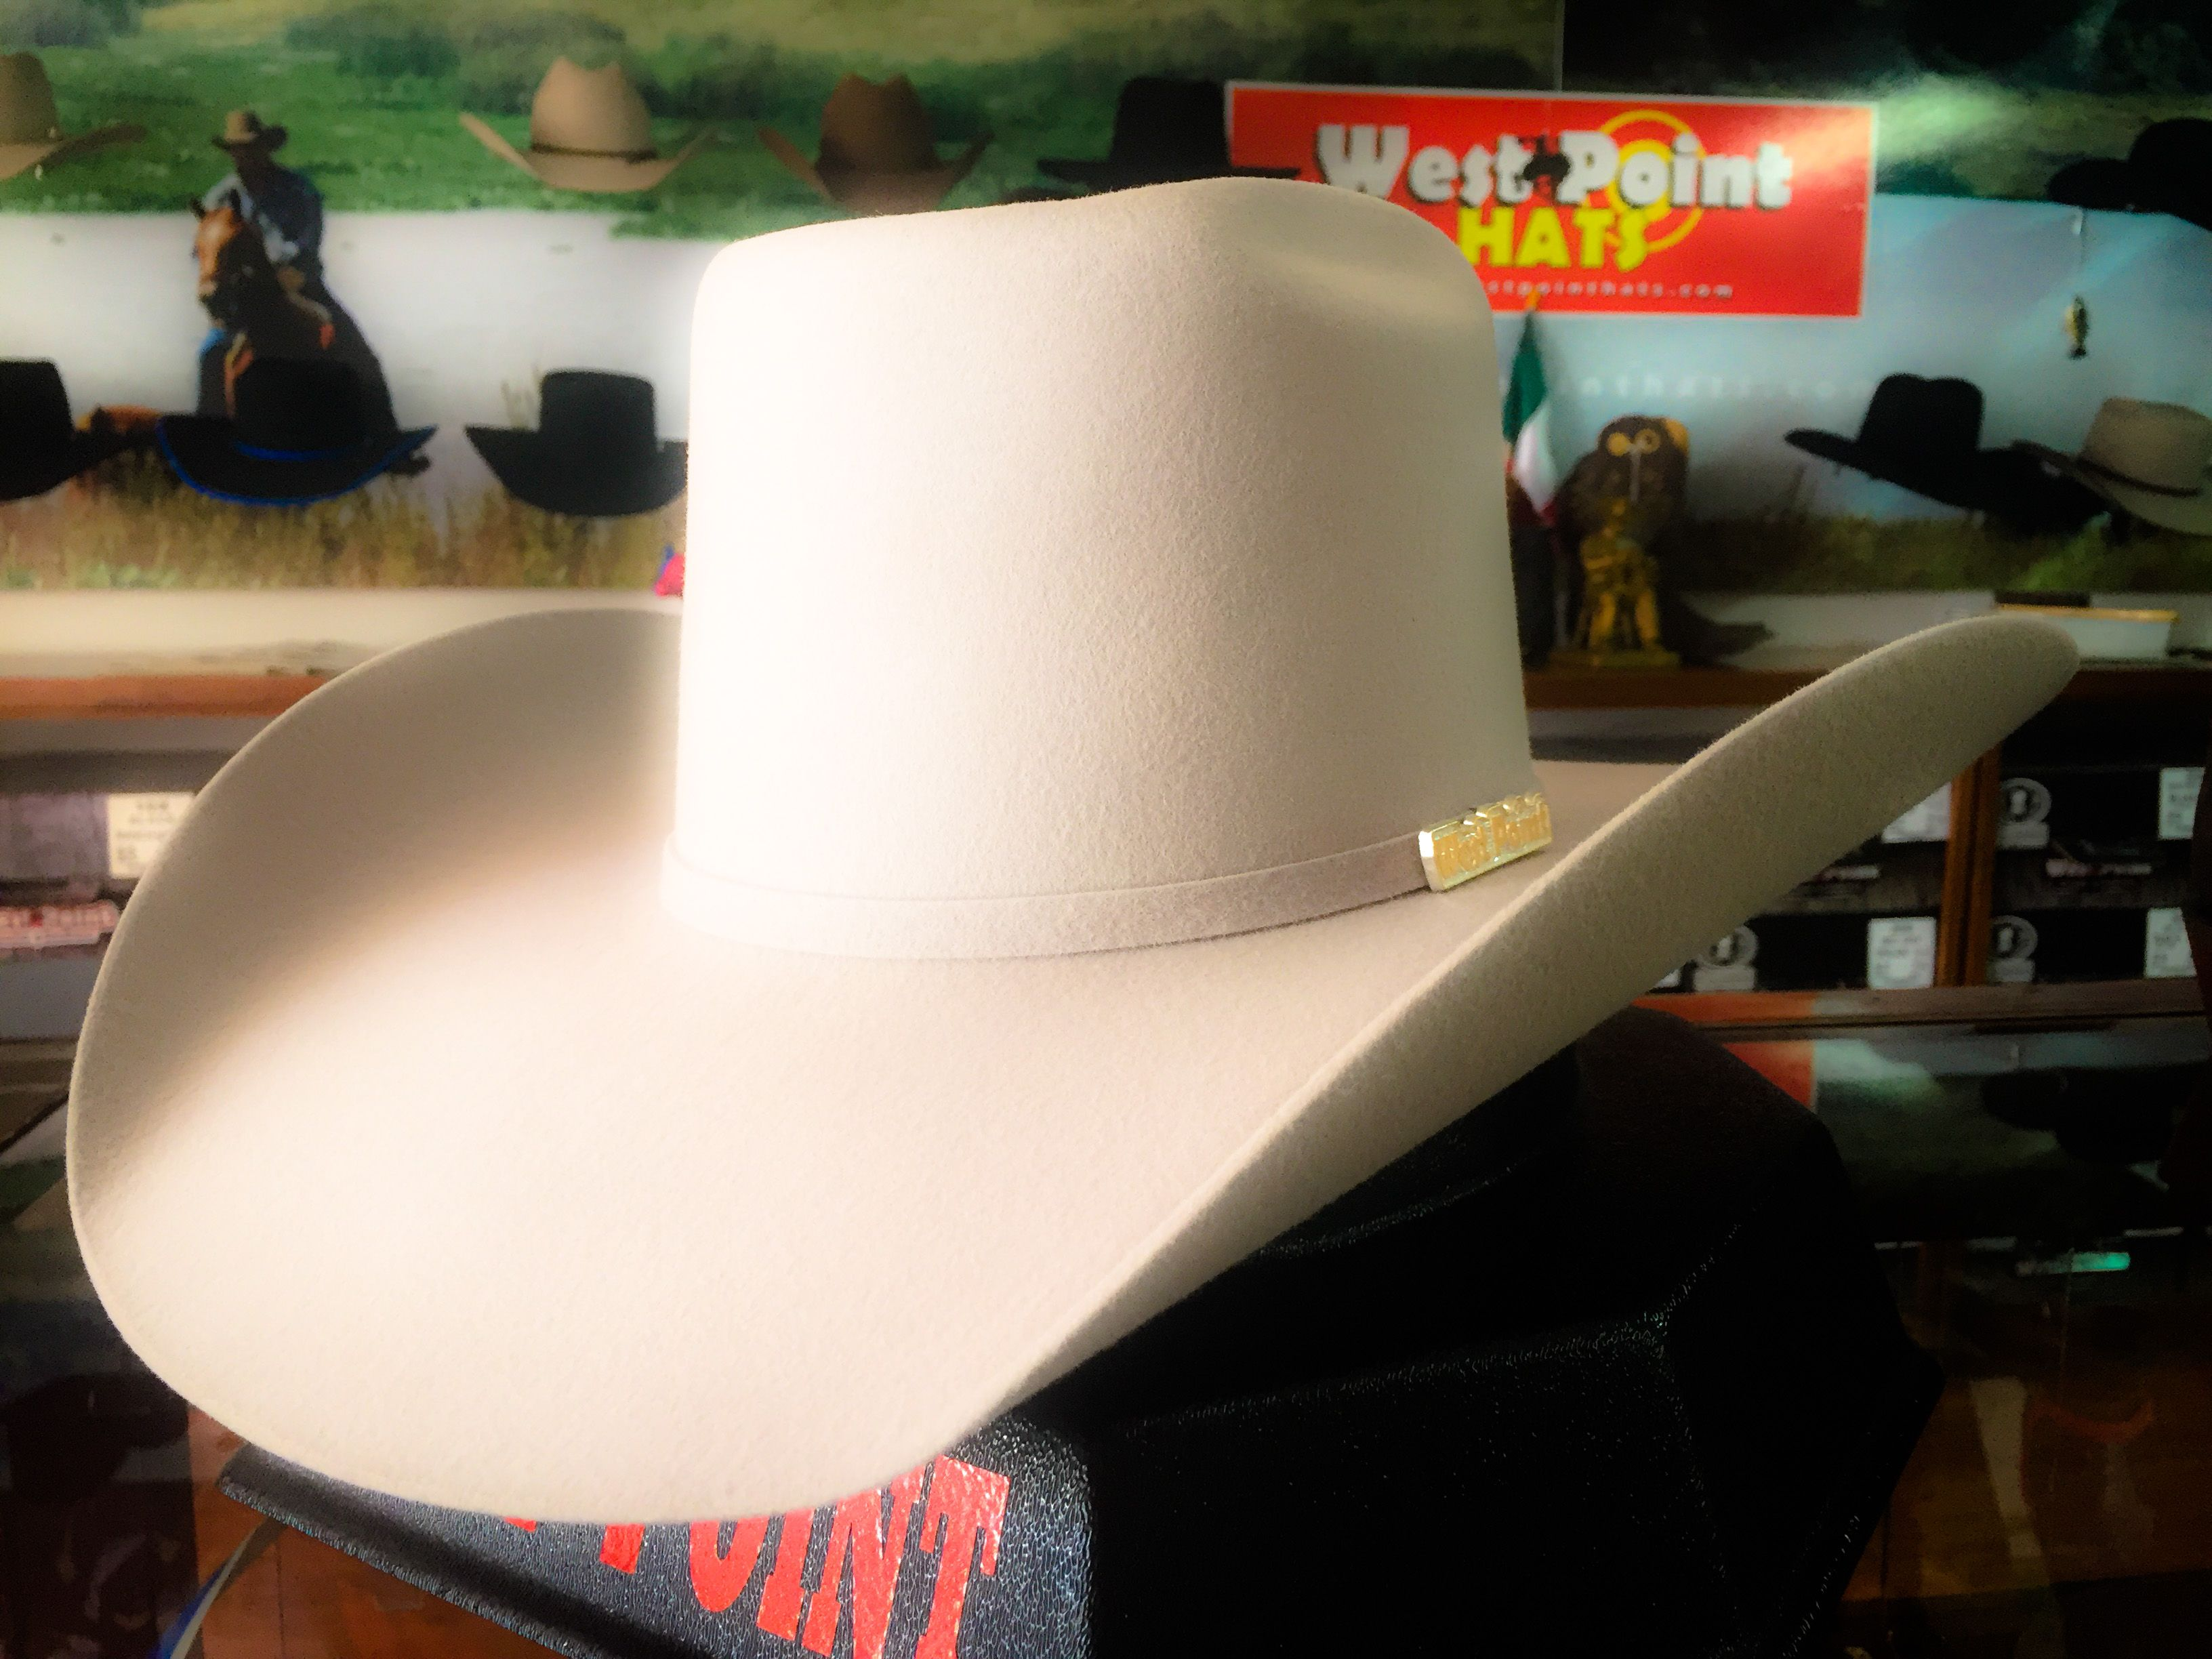 texana  6x color  mistgrey  gris estilo  vakero  vaquero  westpointhats ff62ead2594